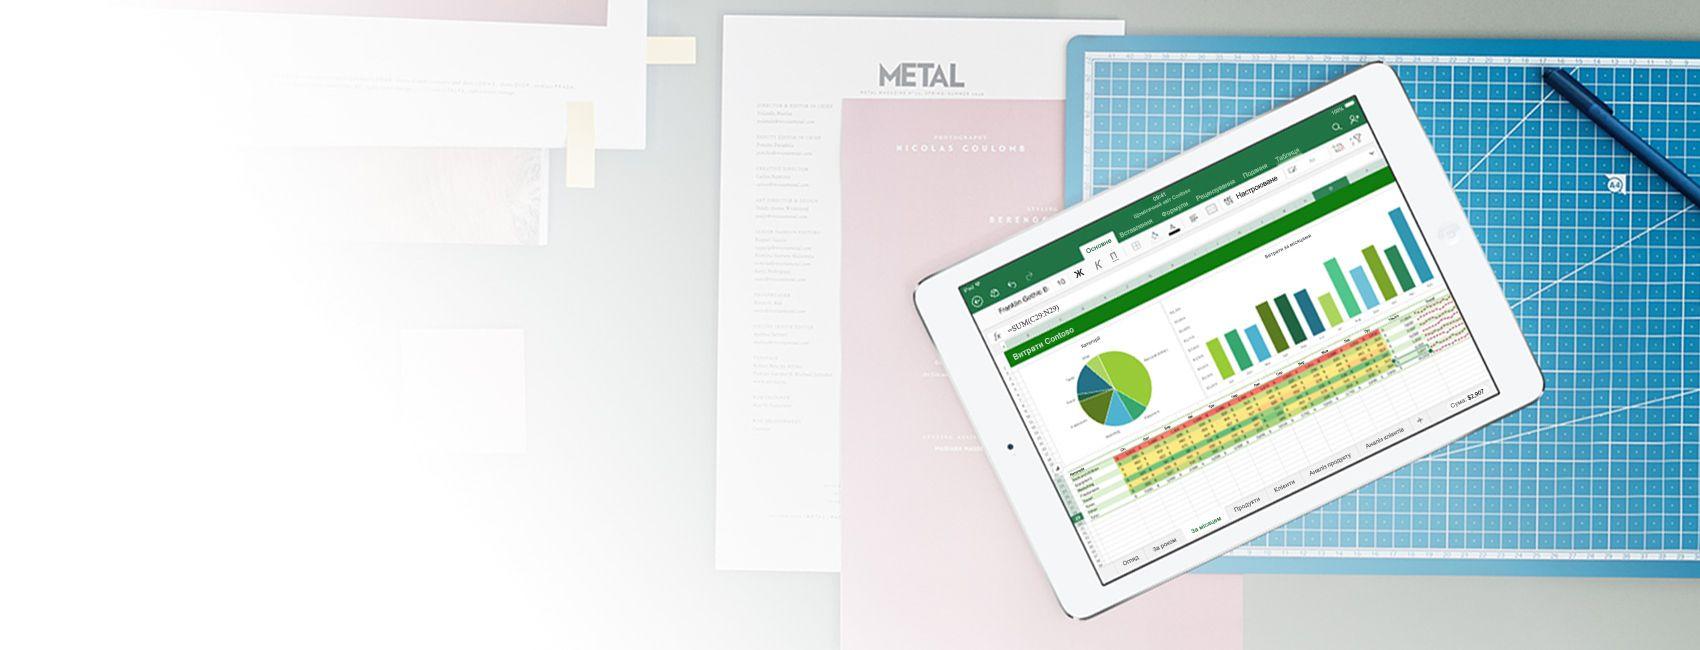 Планшет iPad, на якому відкрито електронну таблицю Excel і діаграму в програмі Excel для iOS